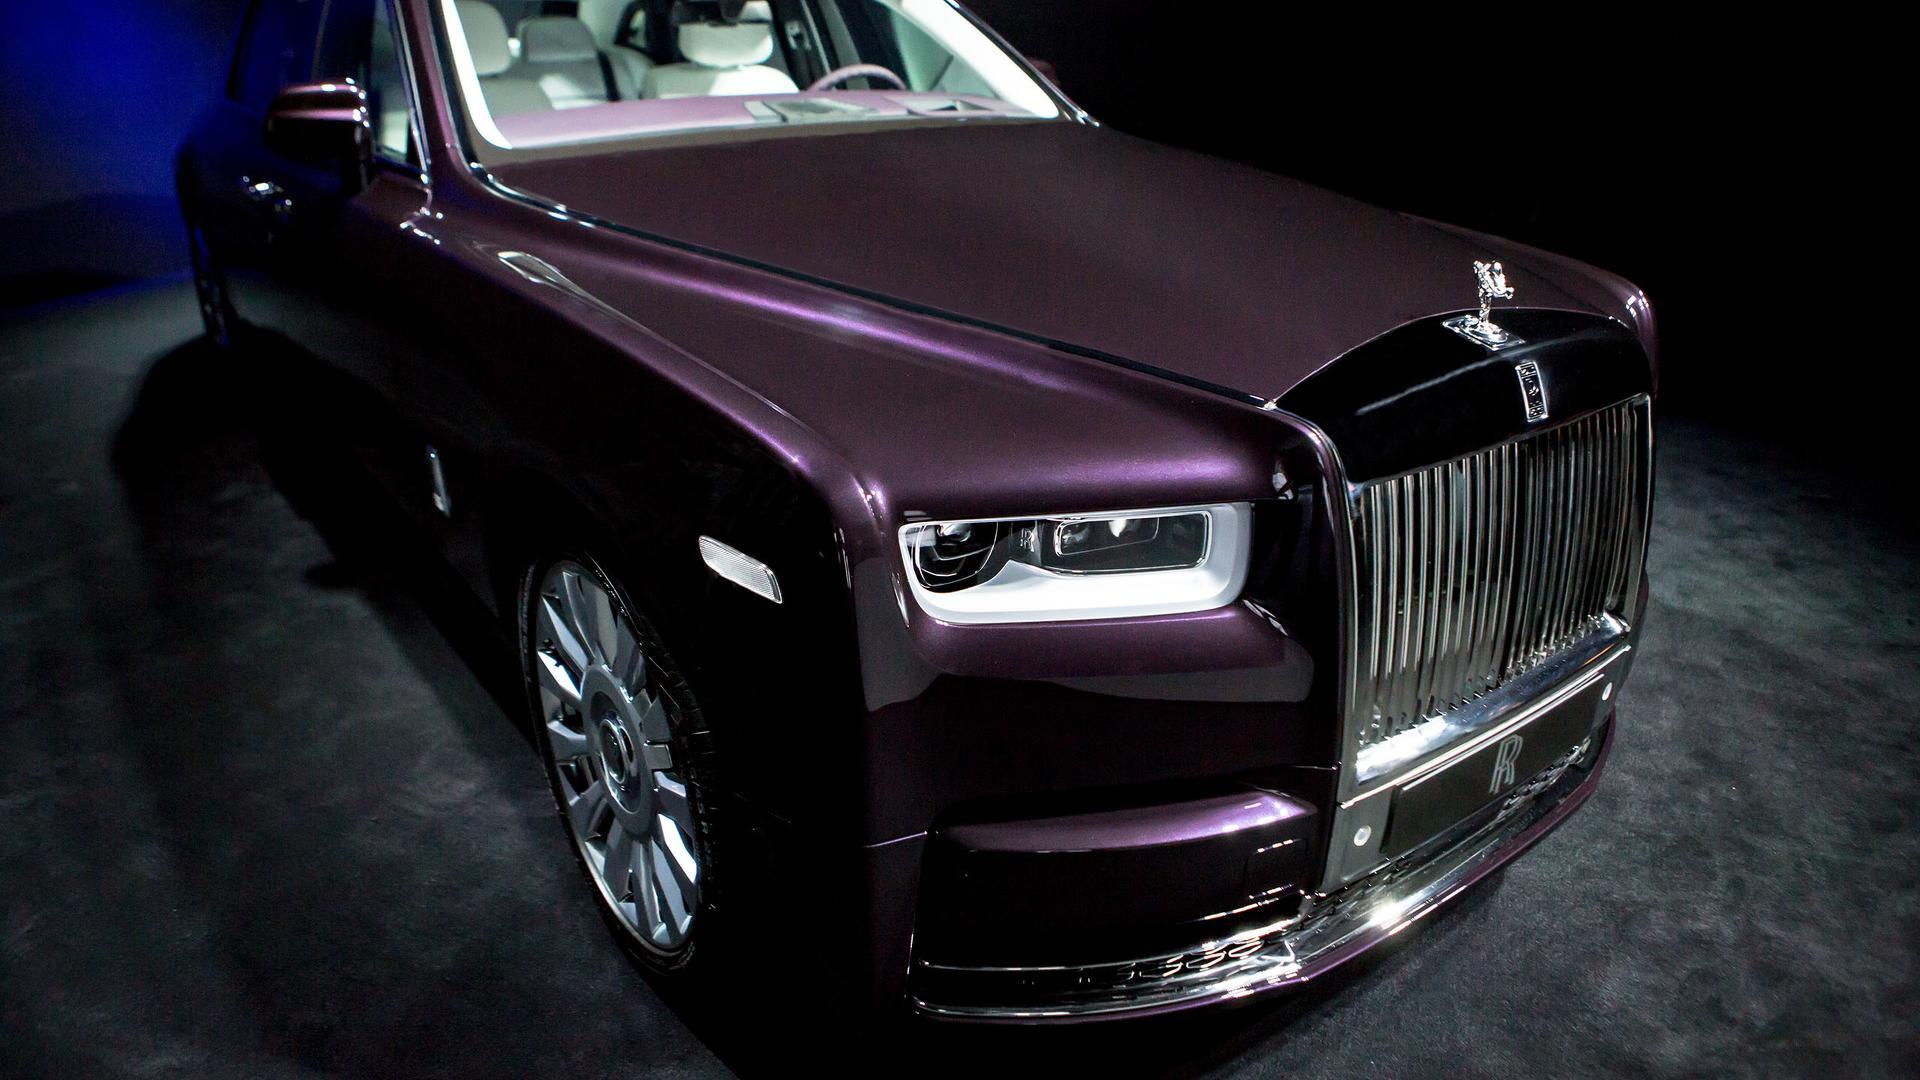 2018 Rolls Royce Phantom Motor1 Com Photos